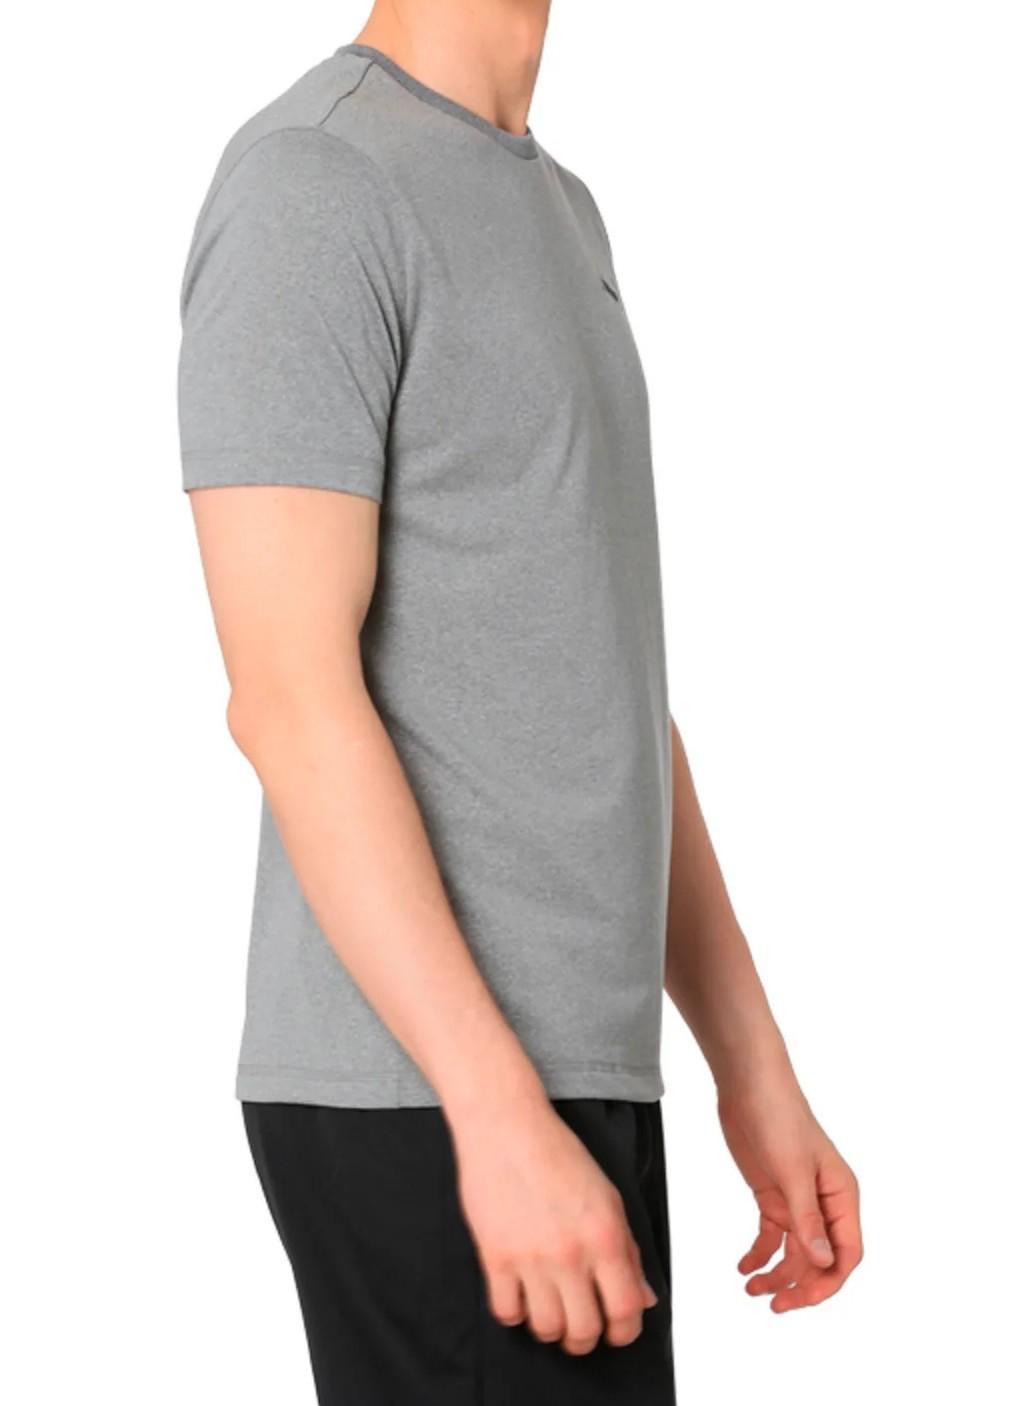 Camiseta Puma Active Tee Masculina Cinza